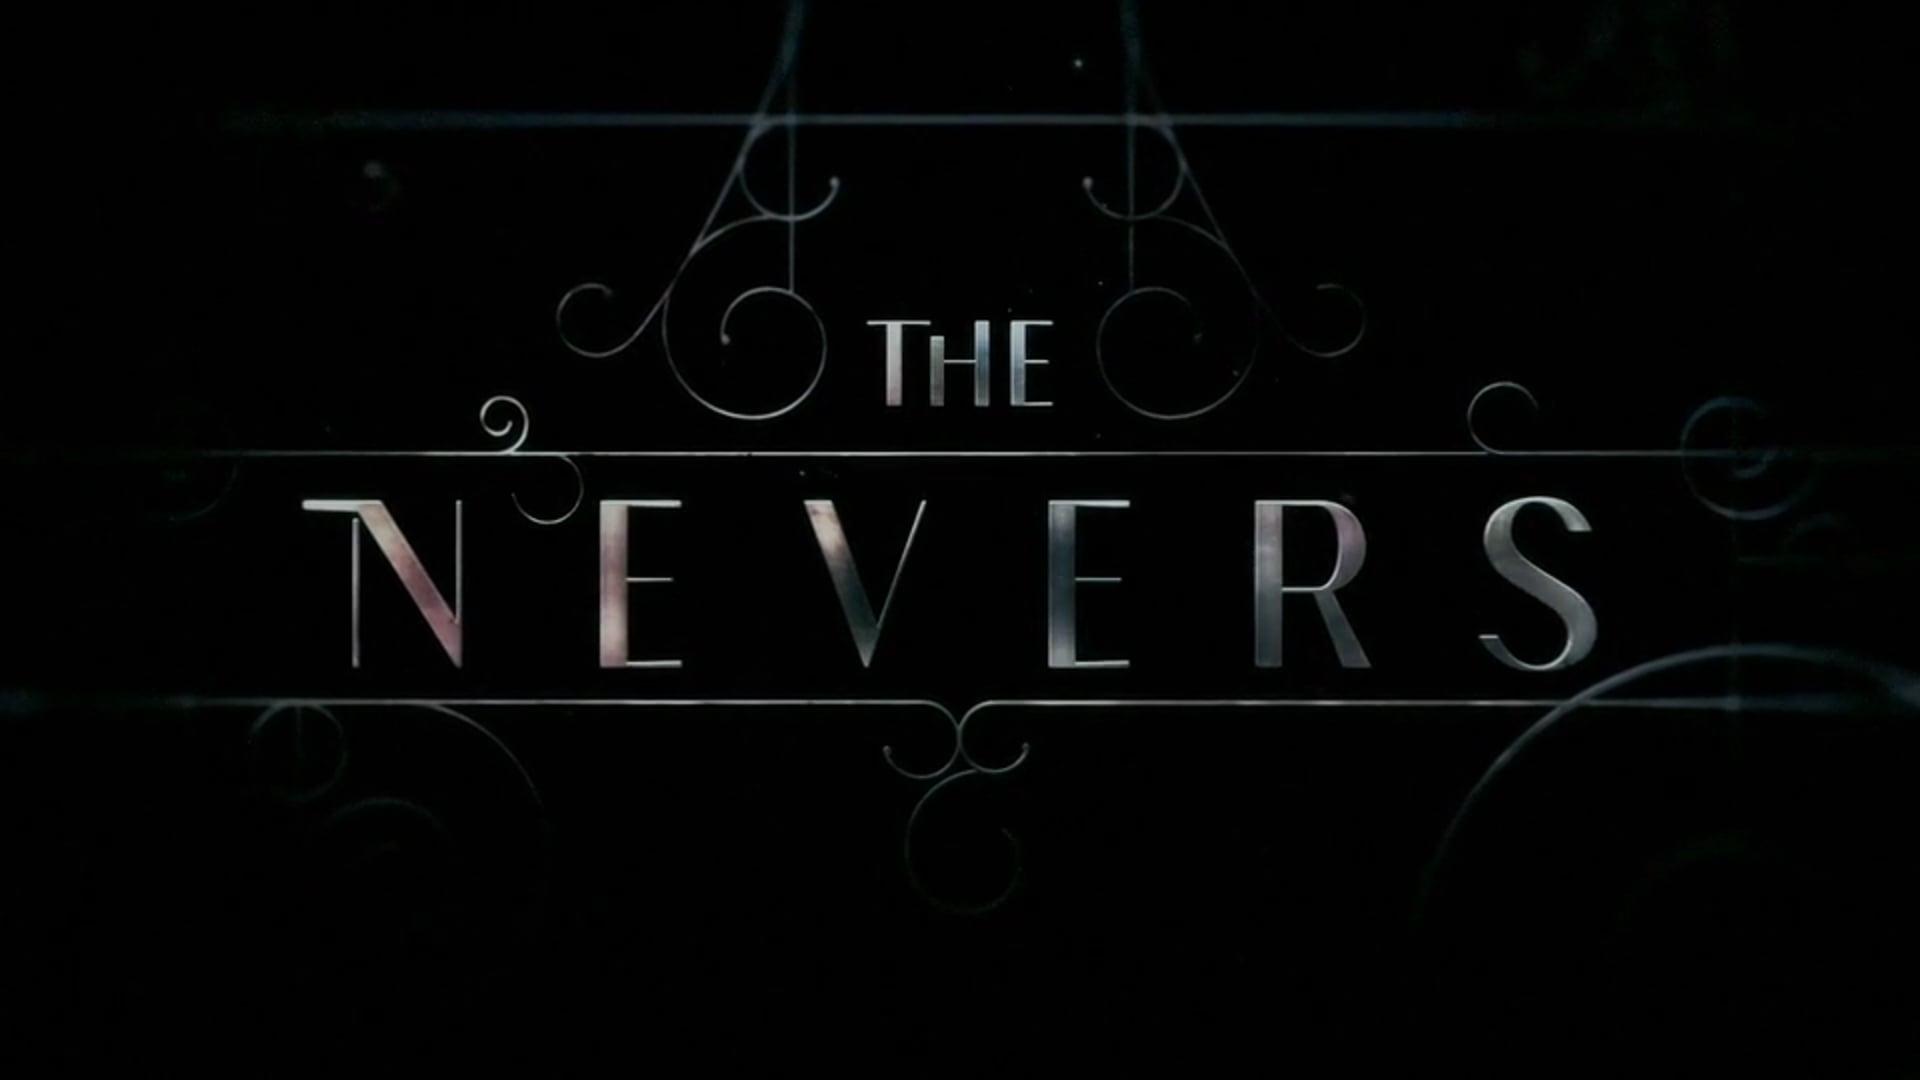 The Nevers - VFX Breakdown